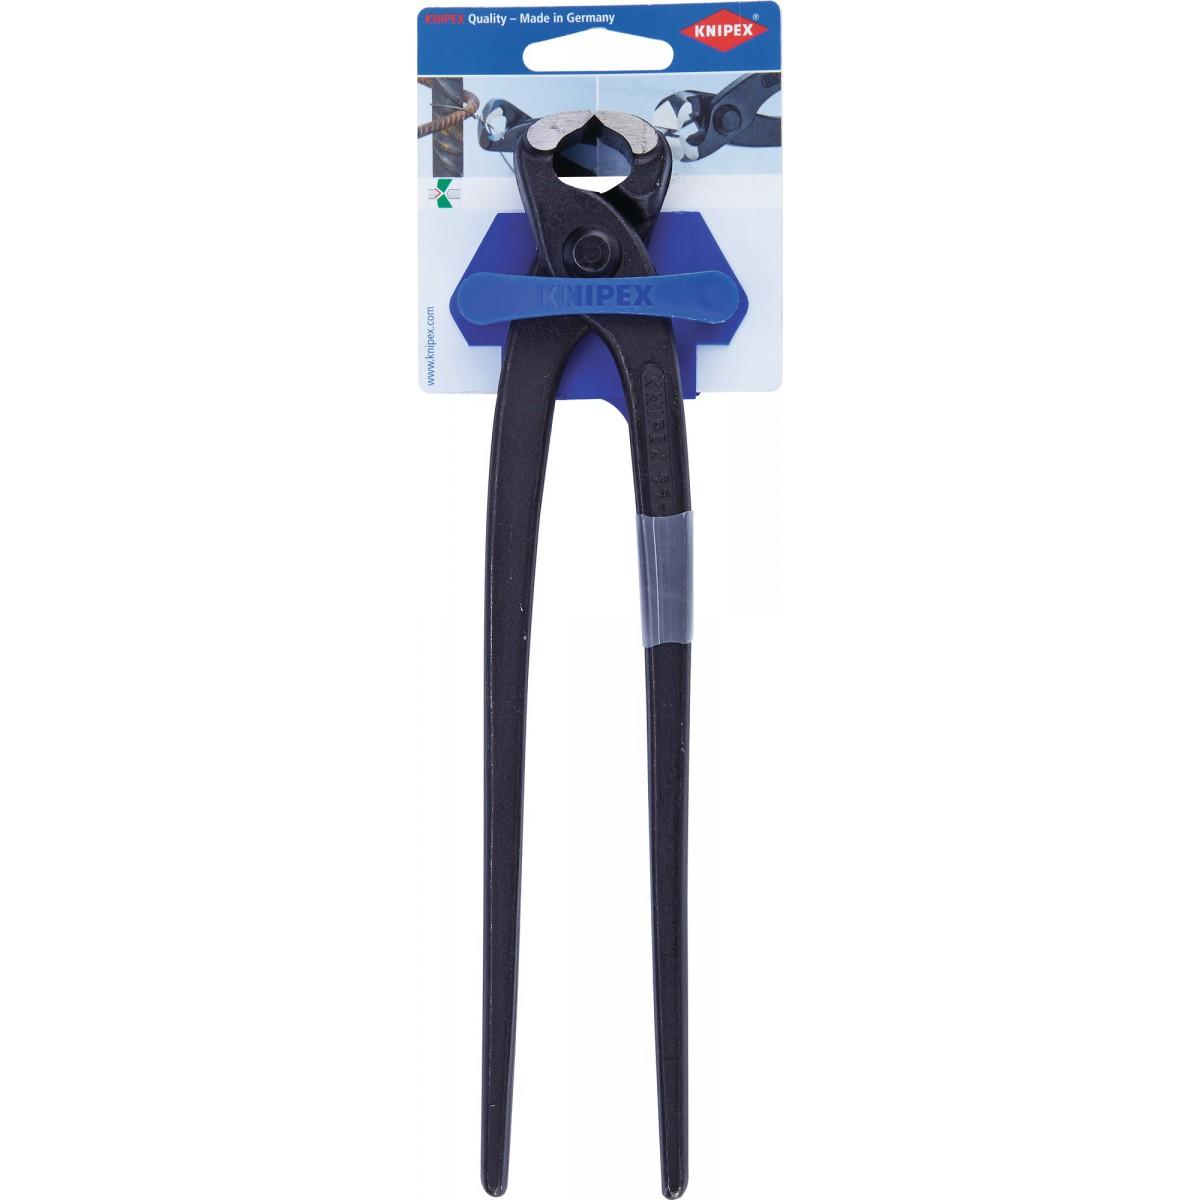 Tenaille russe Knipex - Longueur 250 mm